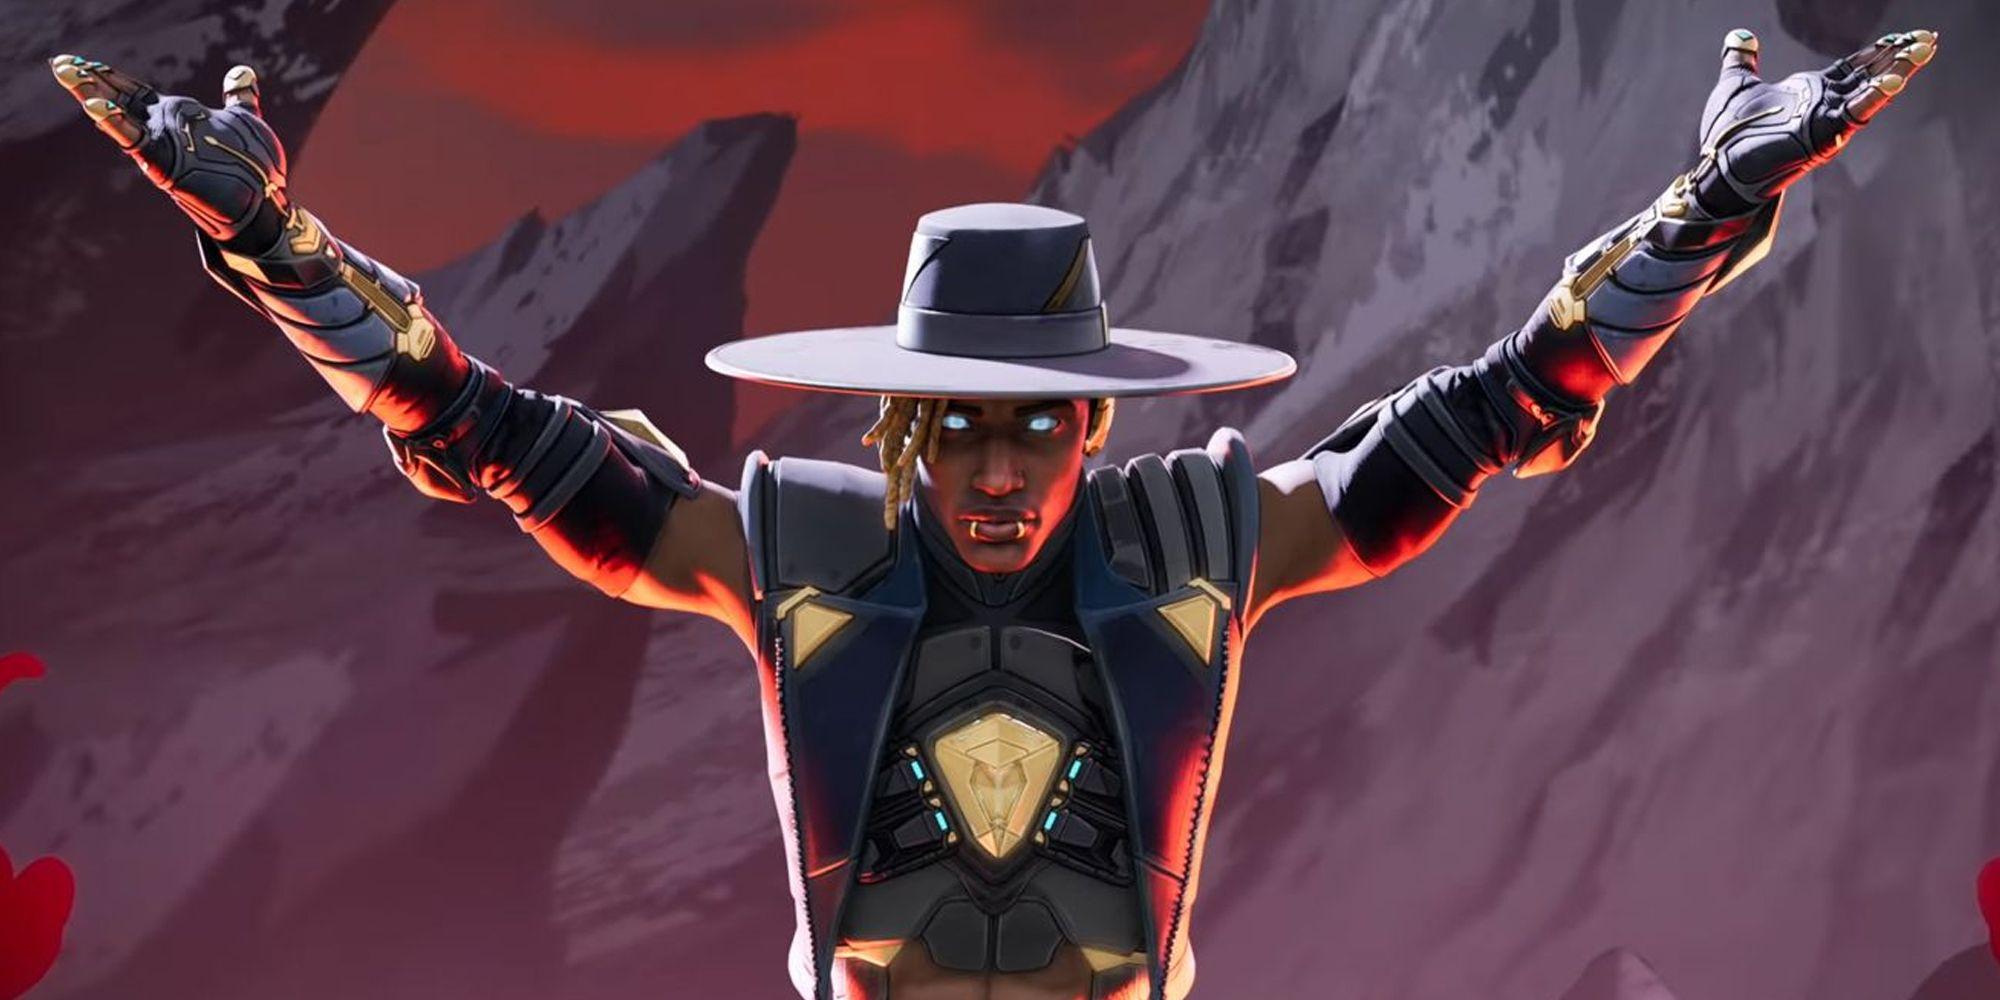 Apex Legends Temporada 10: Desglose de personajes videntes